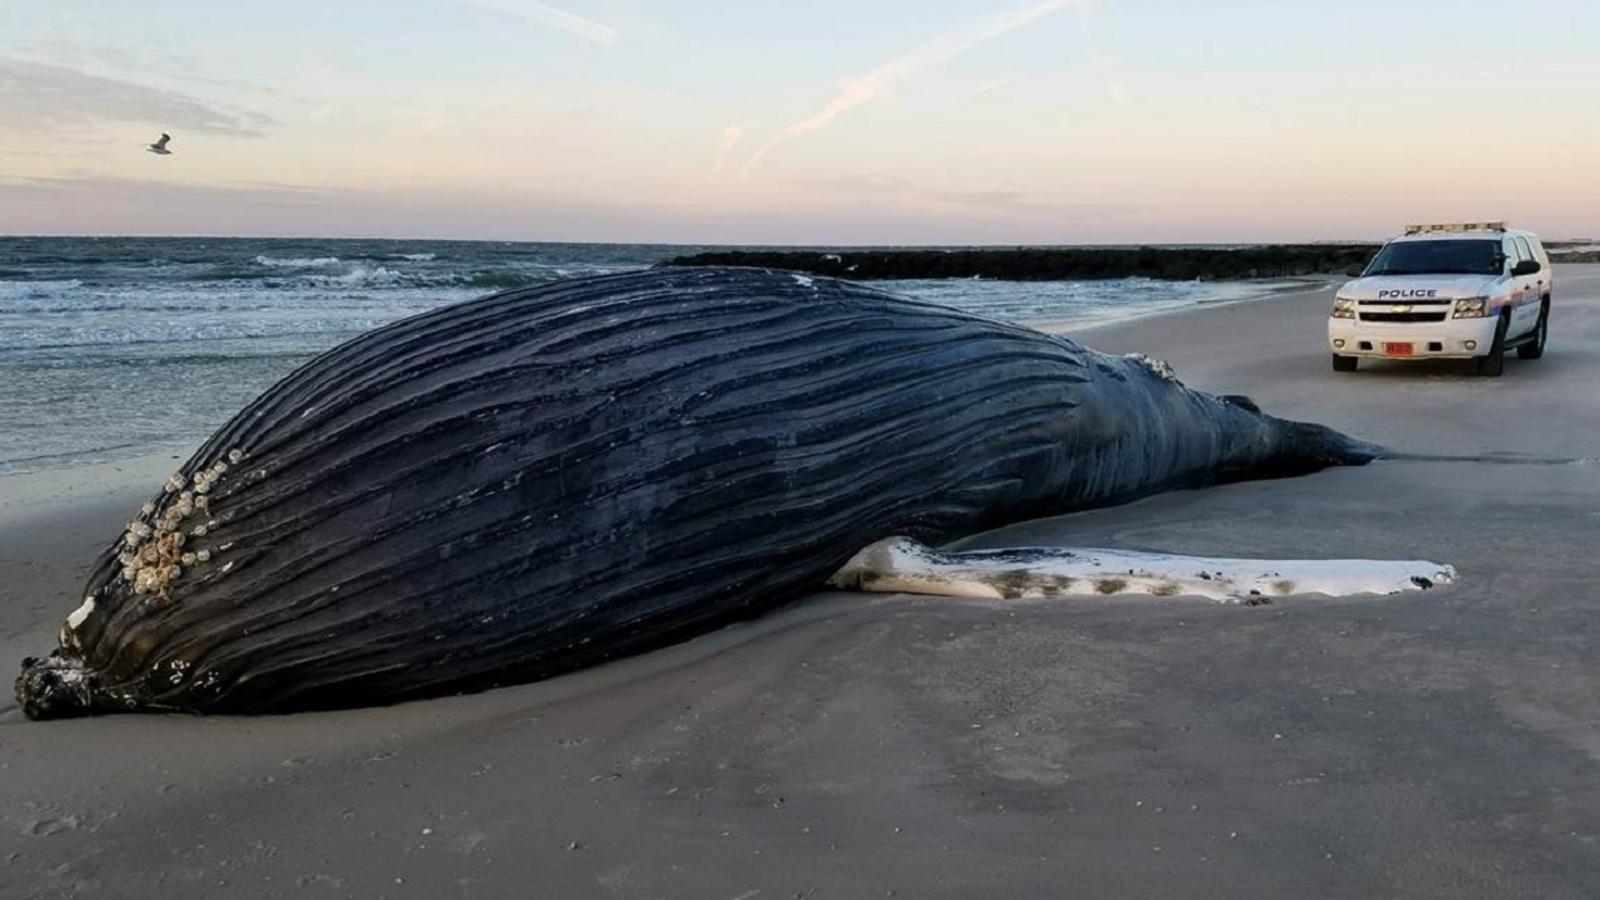 здоровья, кит выбросился на берег картинка однажды положили